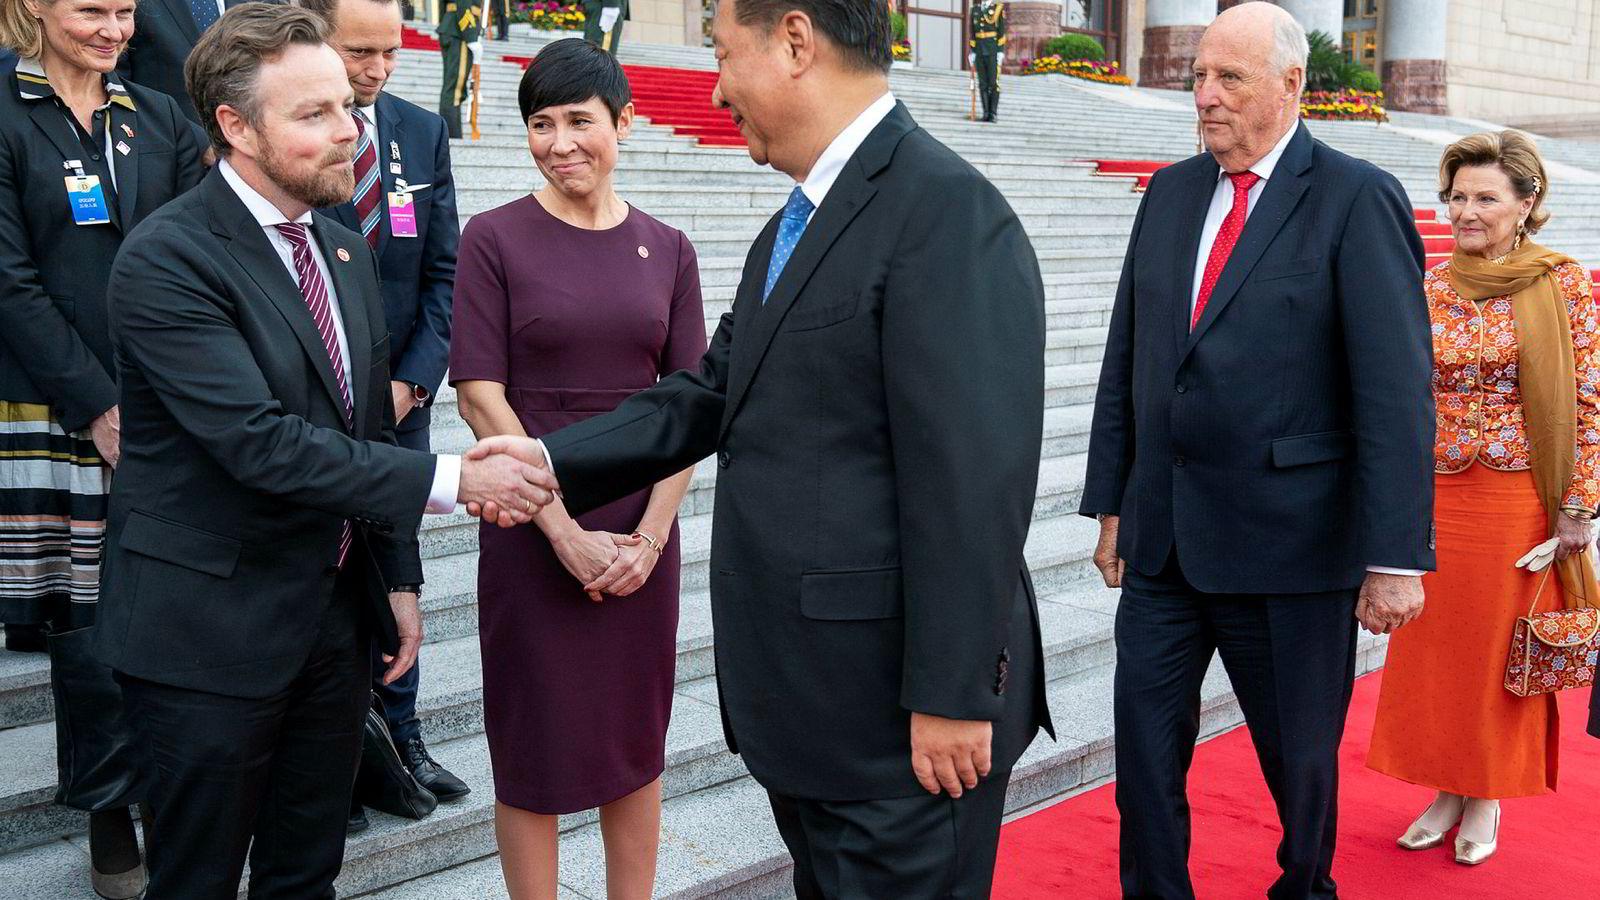 Kinas president Xi Jinping hilser på næringsminister Torbjørn Røe Isaksen og utenriksminister Ine Eriksen Søreide under den offisielle velkomstseremonien utenfor Folkets store hall i Beijing tirsdag. Kong Harald og dronning Sonja like bak.